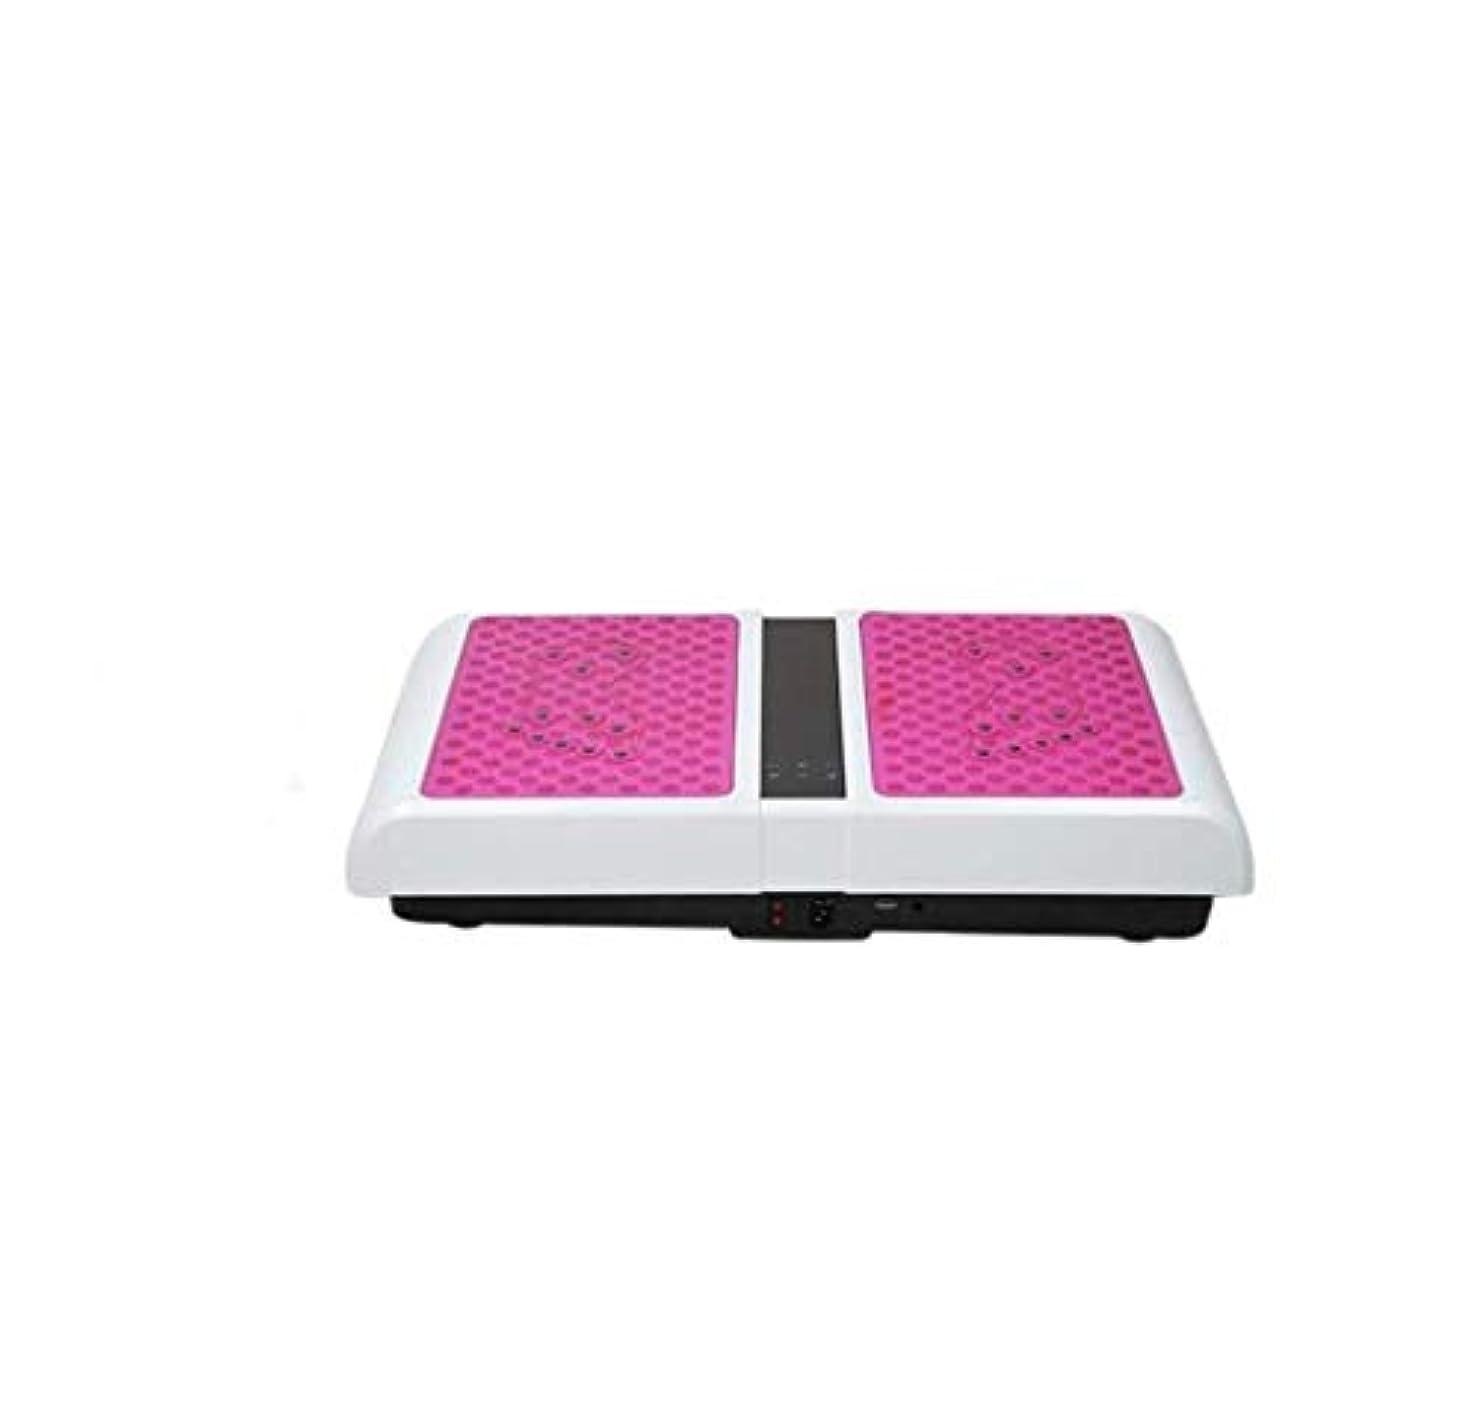 読書をする実験室絶壁減量機、運動衝撃吸収フィットネスモデル減量機ユニセックス振動板、家族/ジムに適しています(最大負荷150KG) (Color : ピンク)